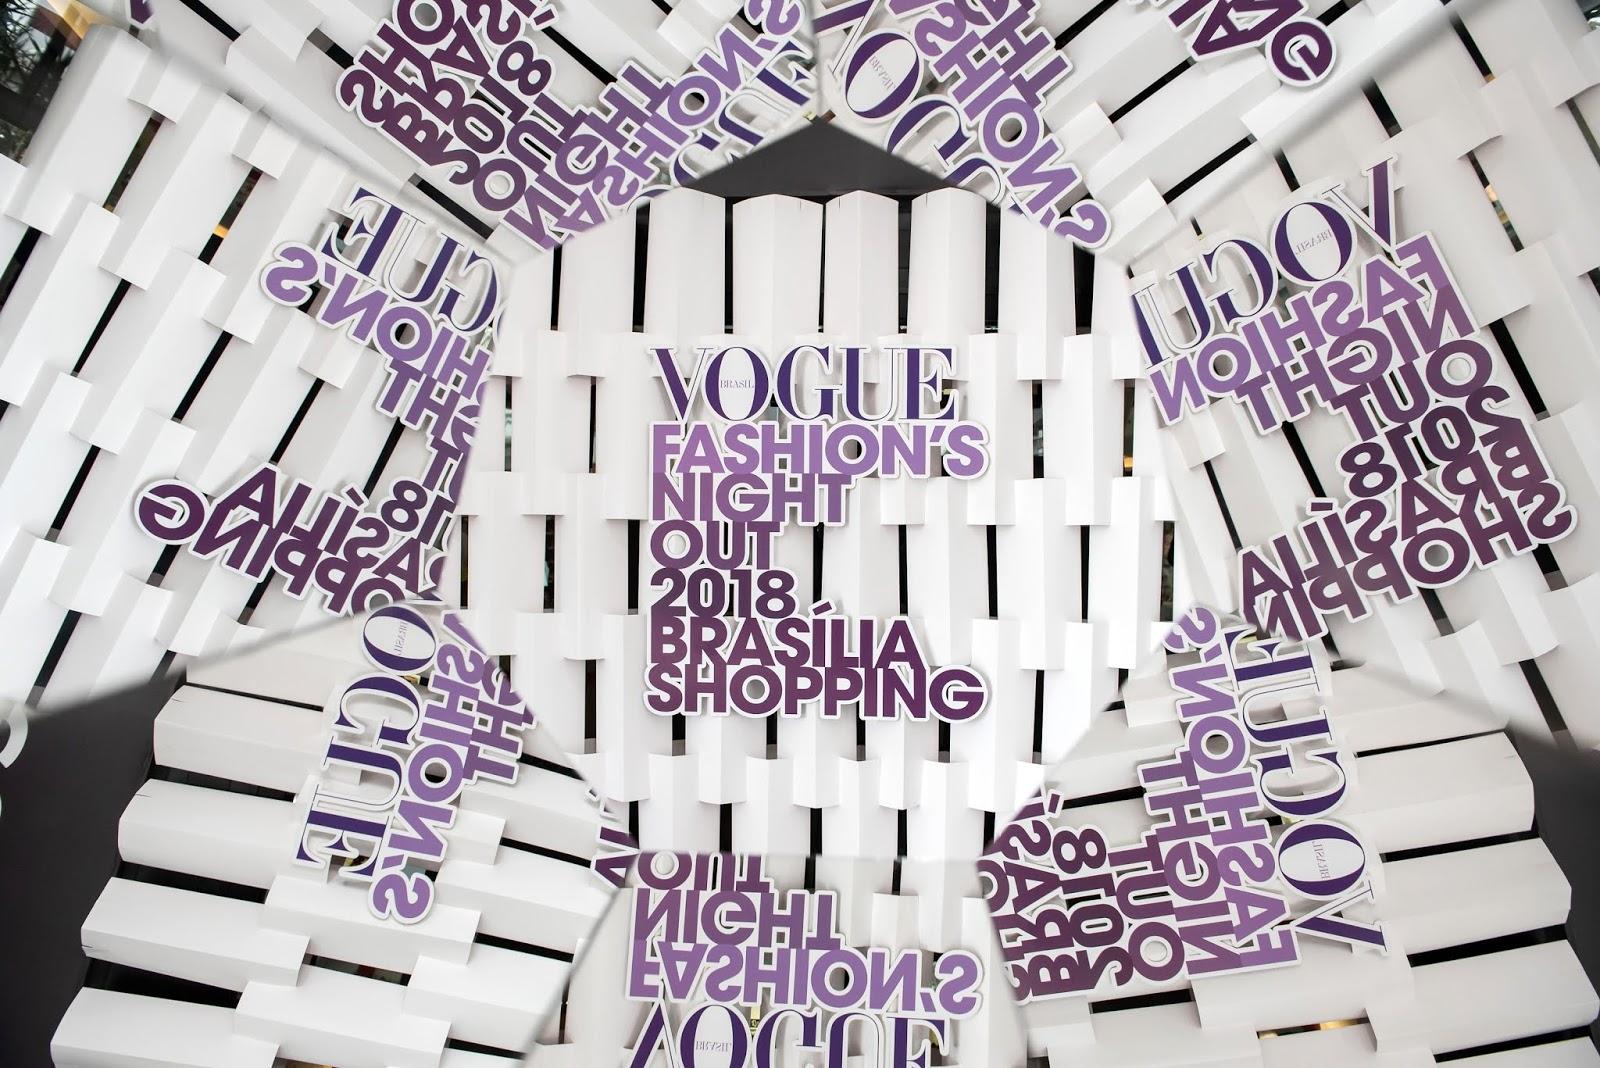 c2dccd120 Vogue Fashion's Night Out agita a capital e leva cerca de 25 mil pessoas ao Brasília  Shopping. Desfiles, trend talks, Karol Conka, Paulo Borges, Team Vogue, ...